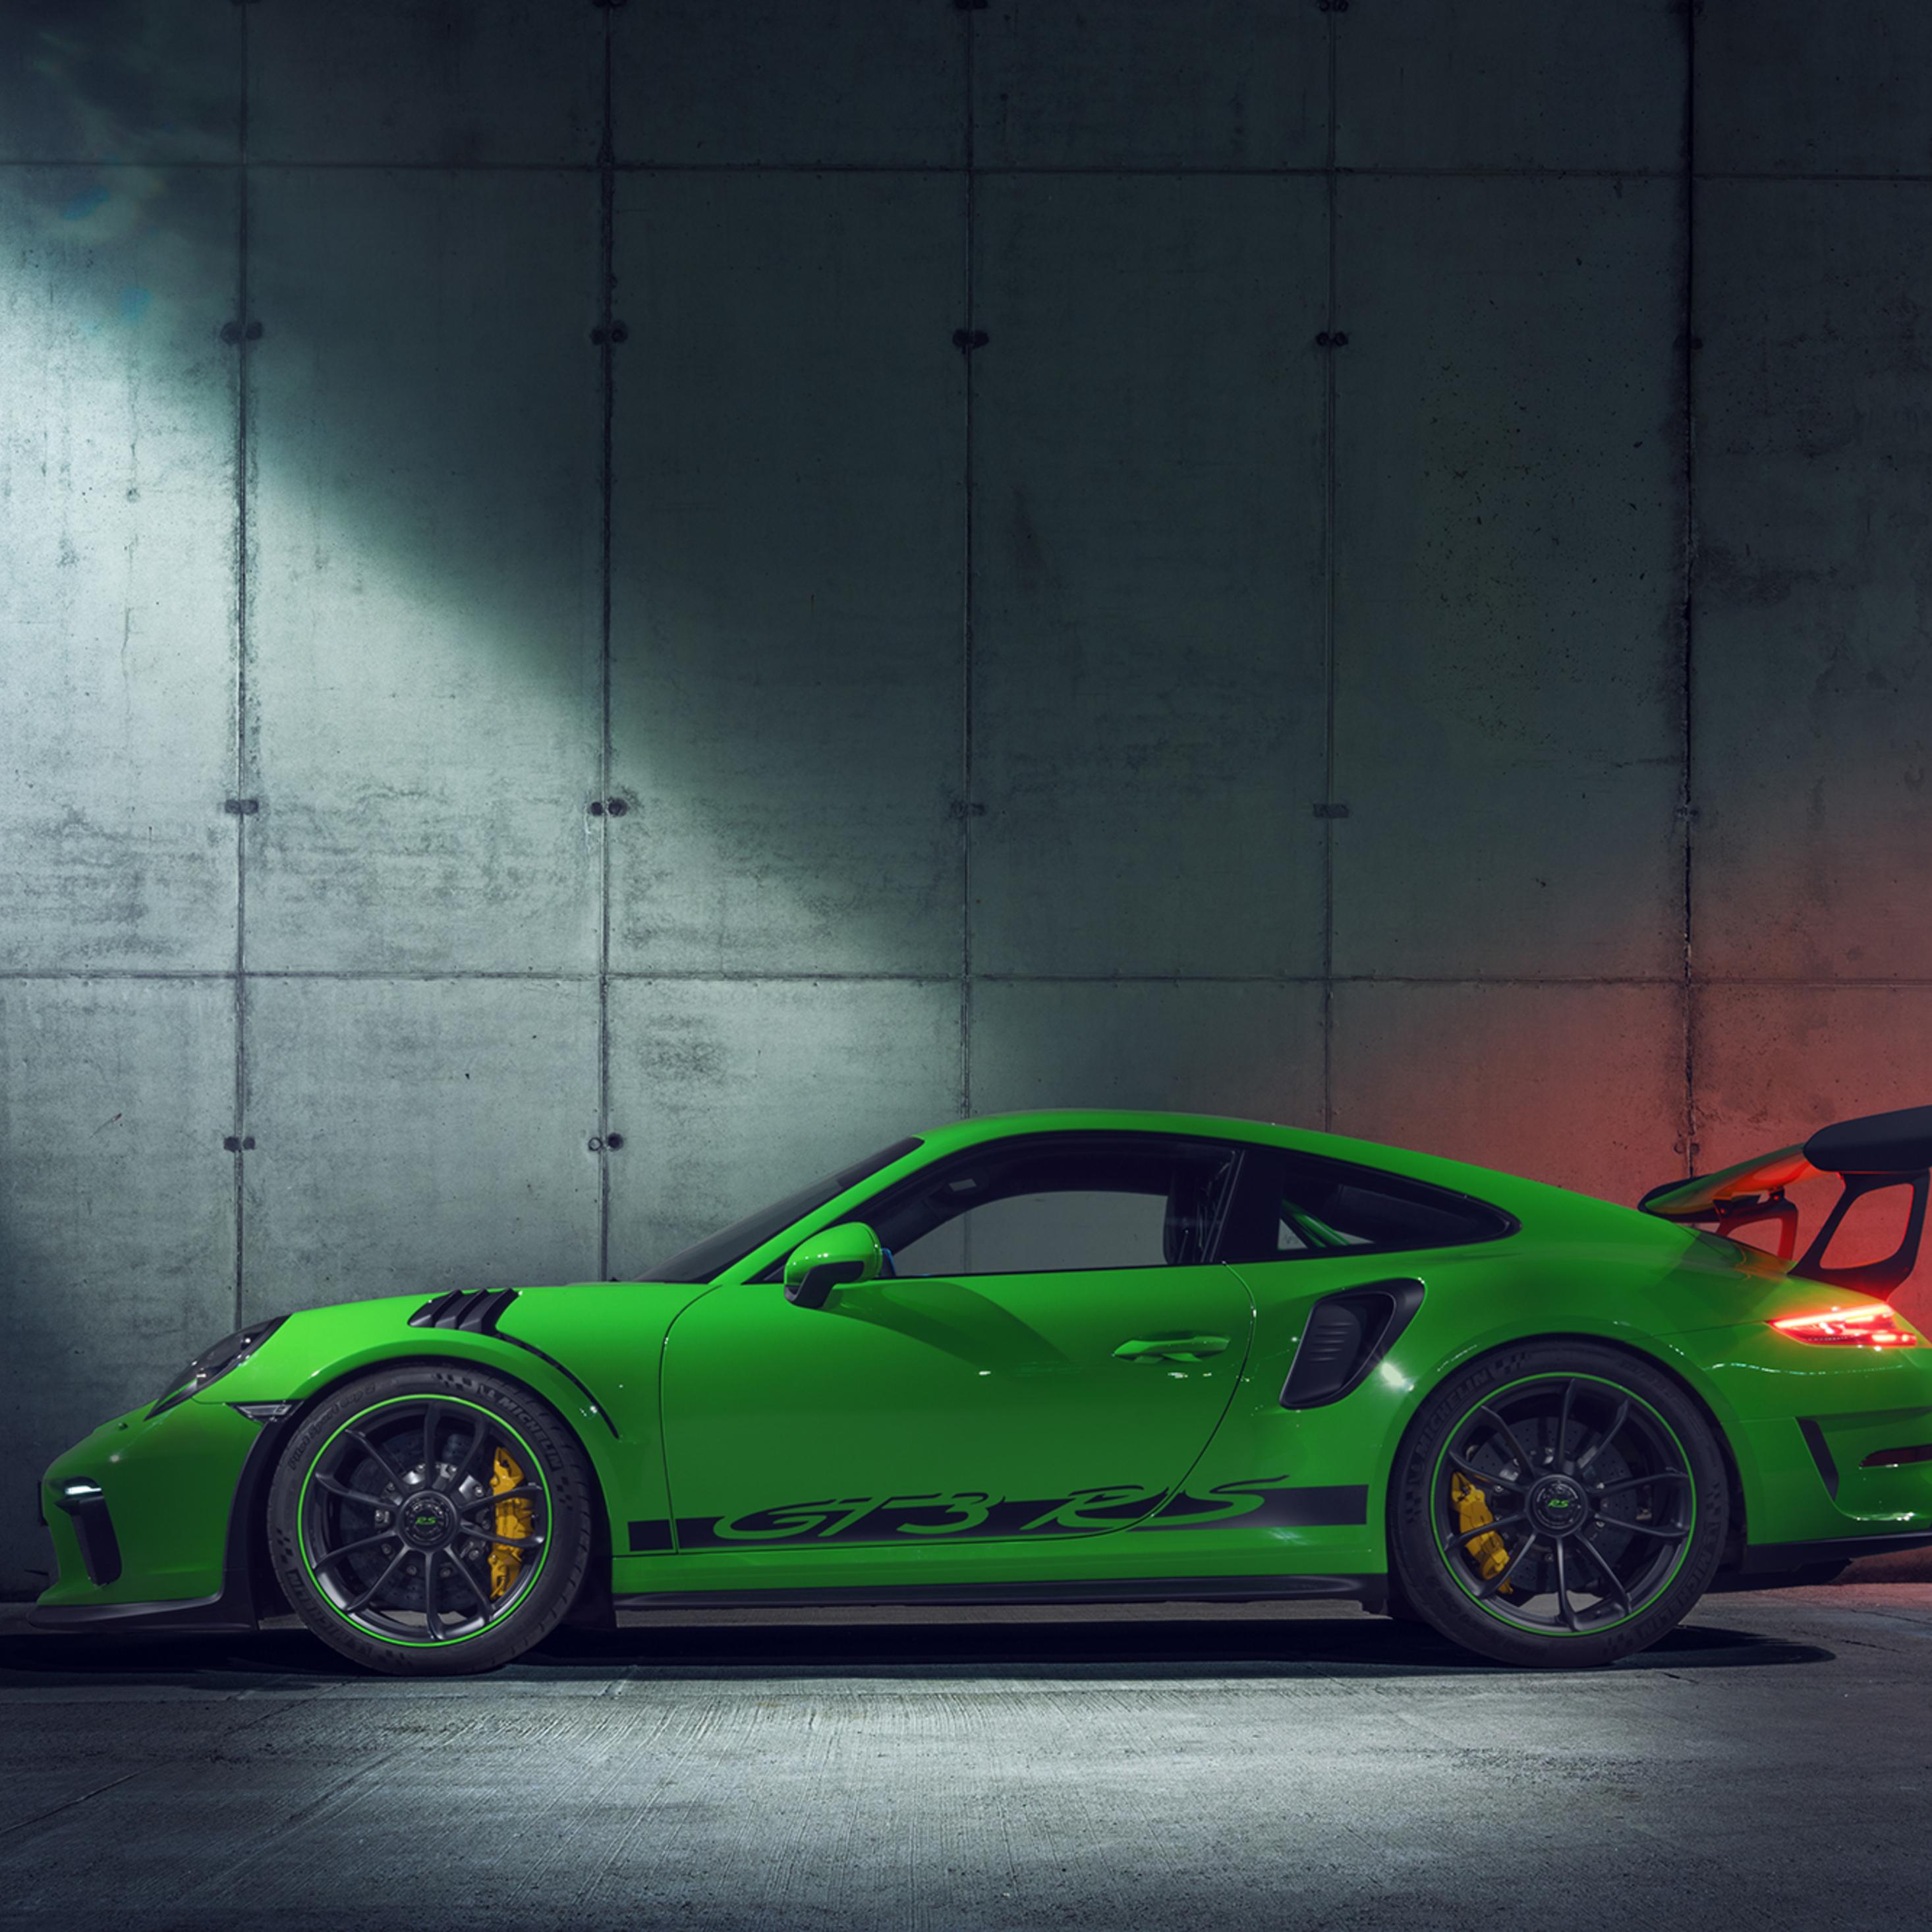 2018 Porsche 911 Gt3 Rs Side View It